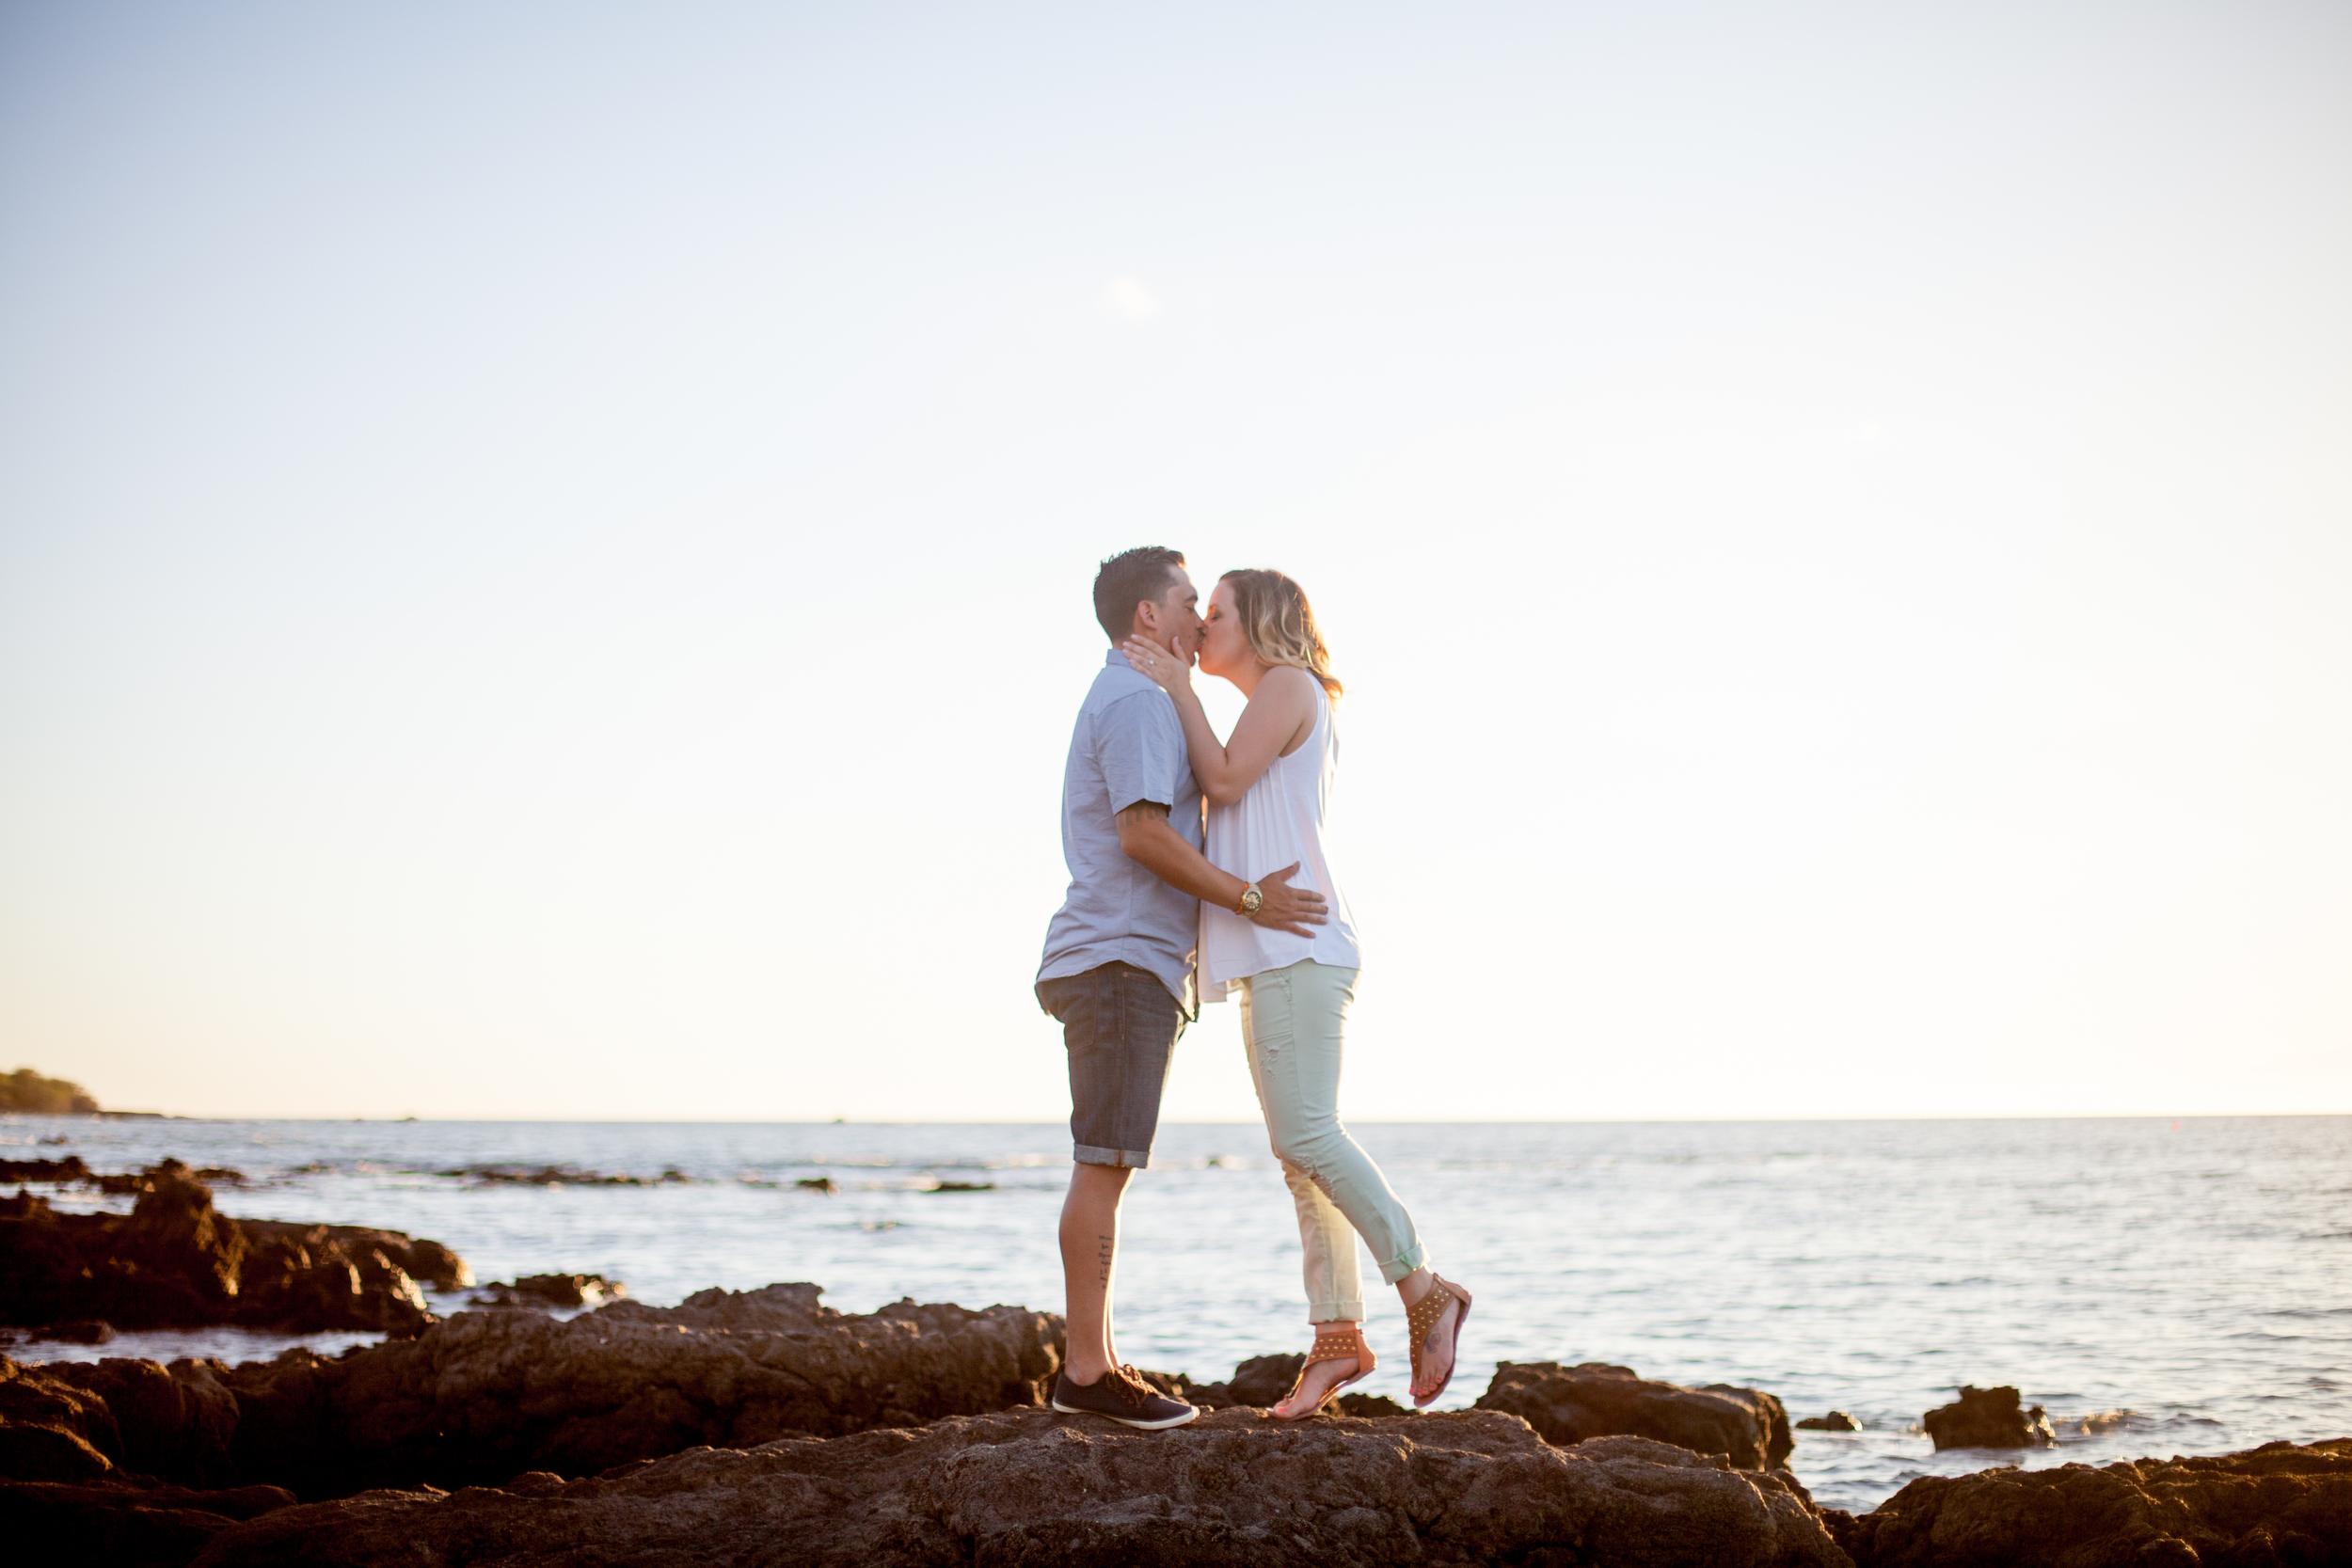 big island hawaii engagement photography 20150529183432-1.jpg